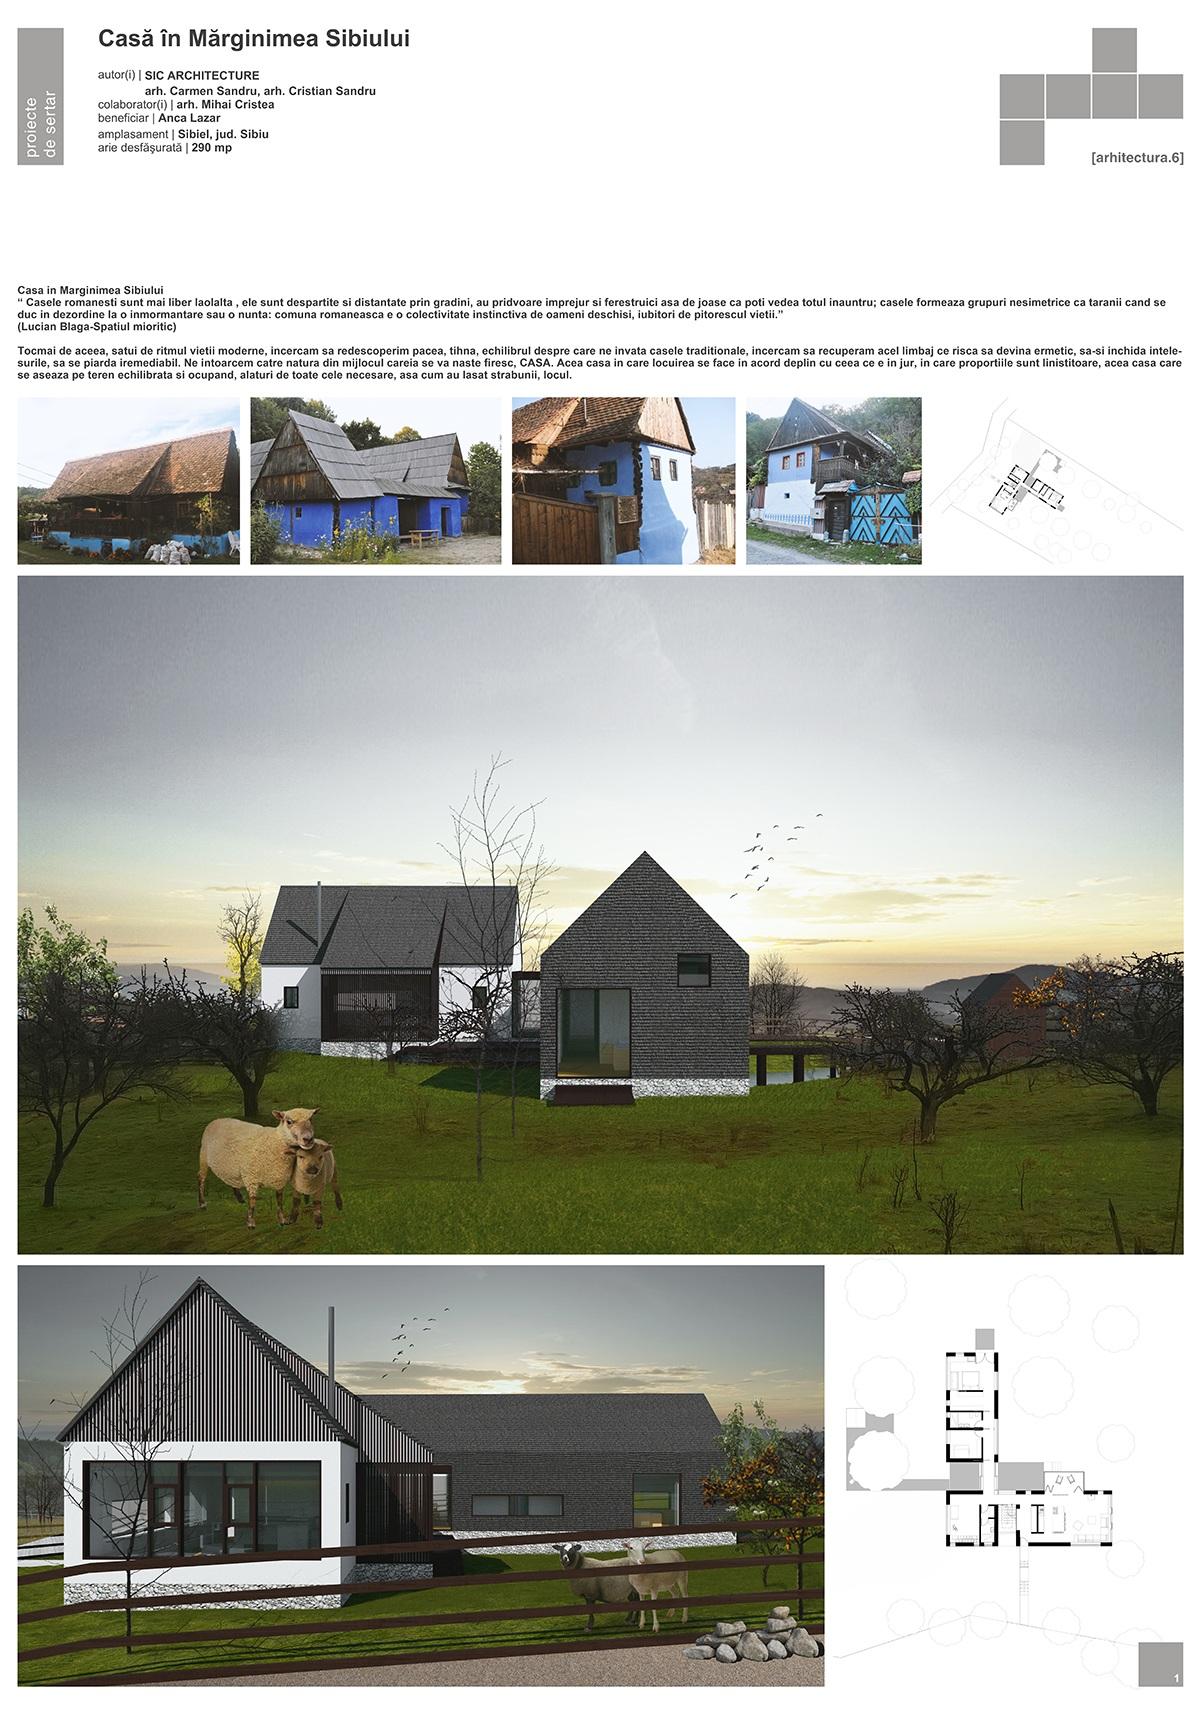 55_Casa in Marginimea Sibiului Panou 1